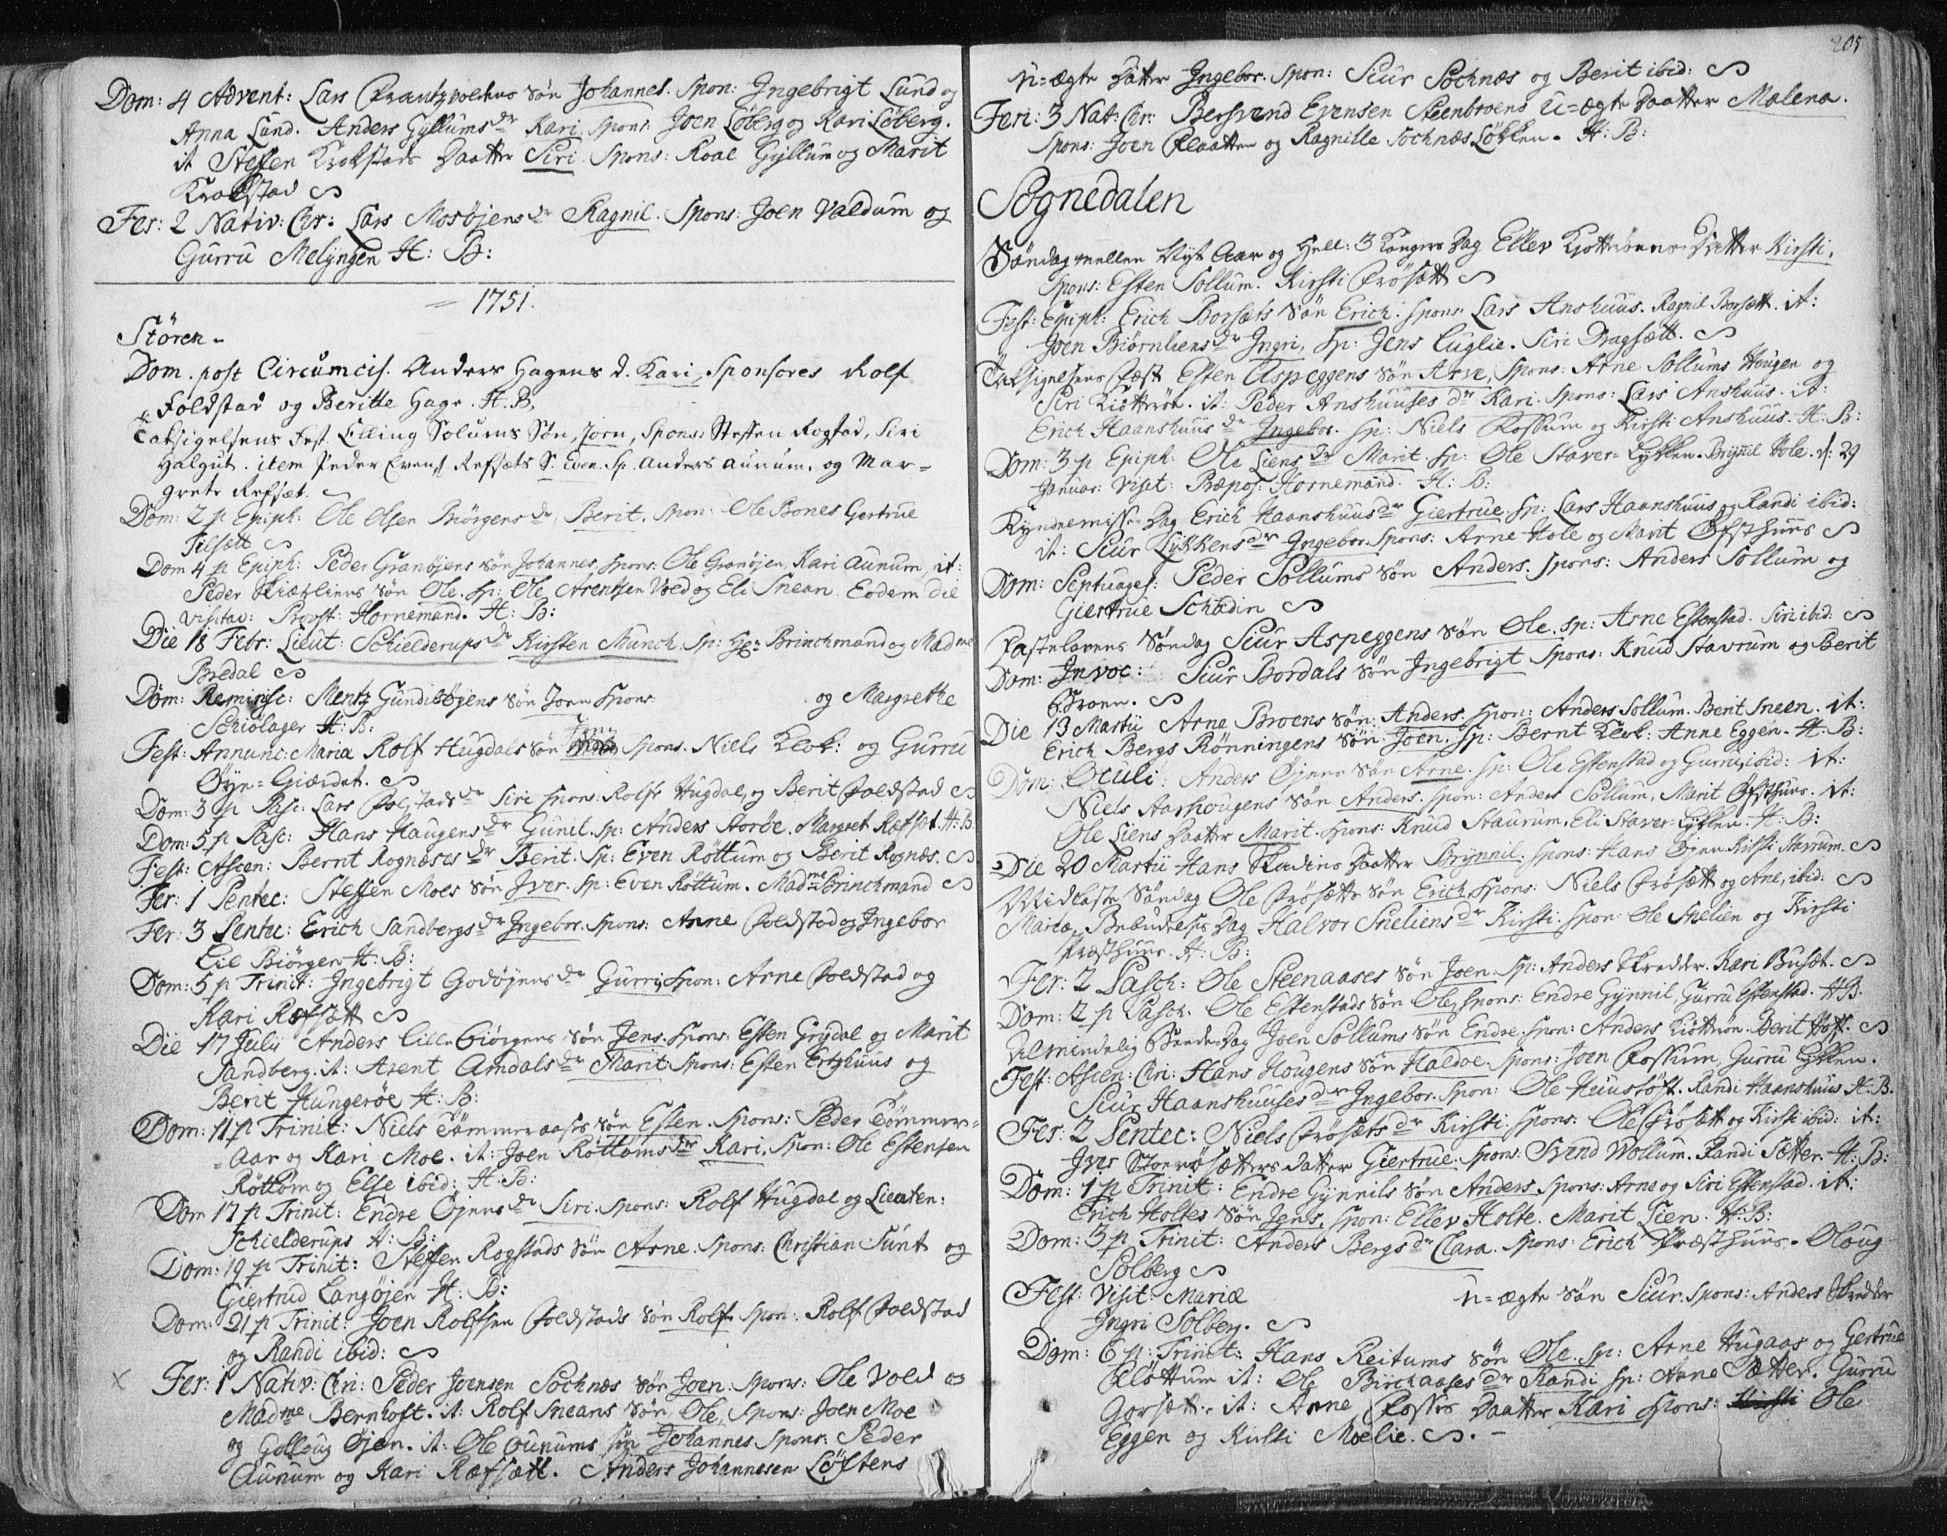 SAT, Ministerialprotokoller, klokkerbøker og fødselsregistre - Sør-Trøndelag, 687/L0991: Ministerialbok nr. 687A02, 1747-1790, s. 205